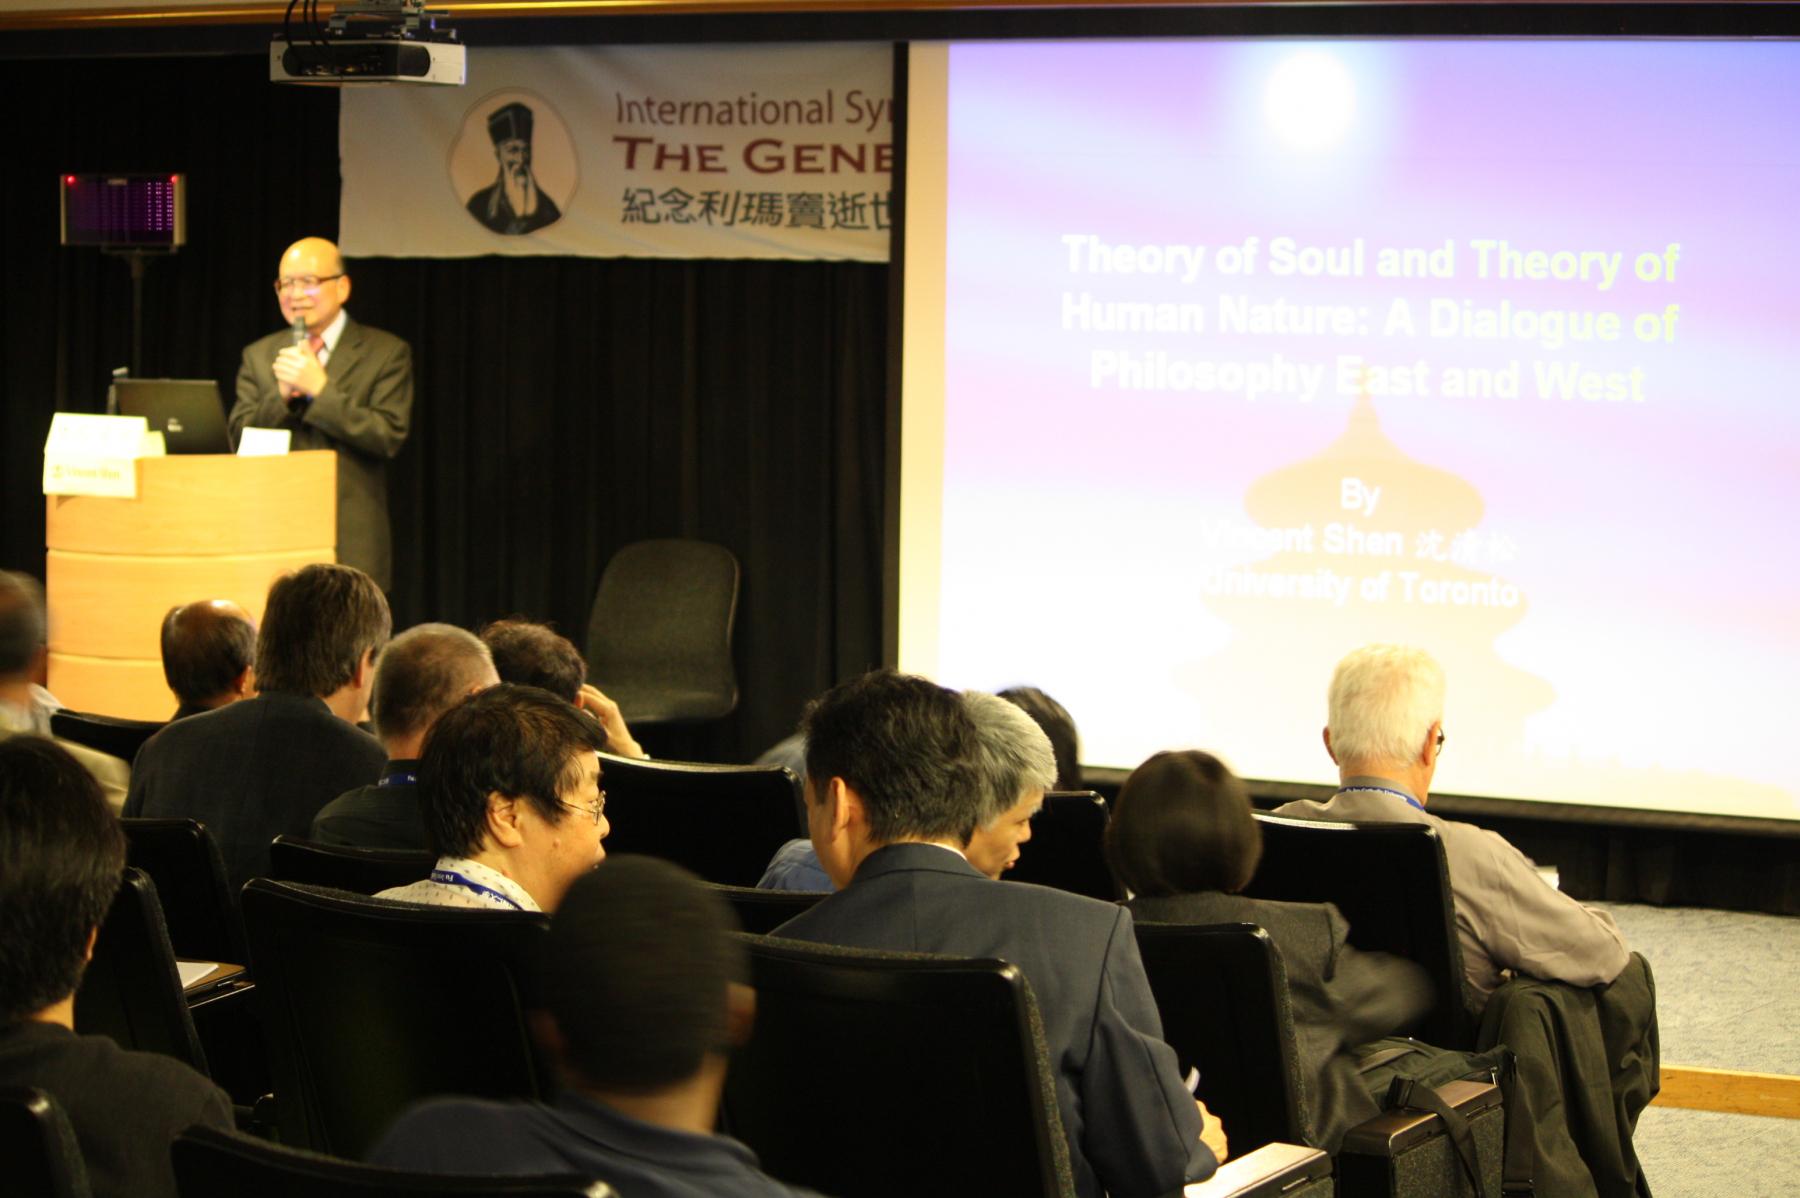 201004紀念利瑪竇逝世四百週年國際學術研討會-30